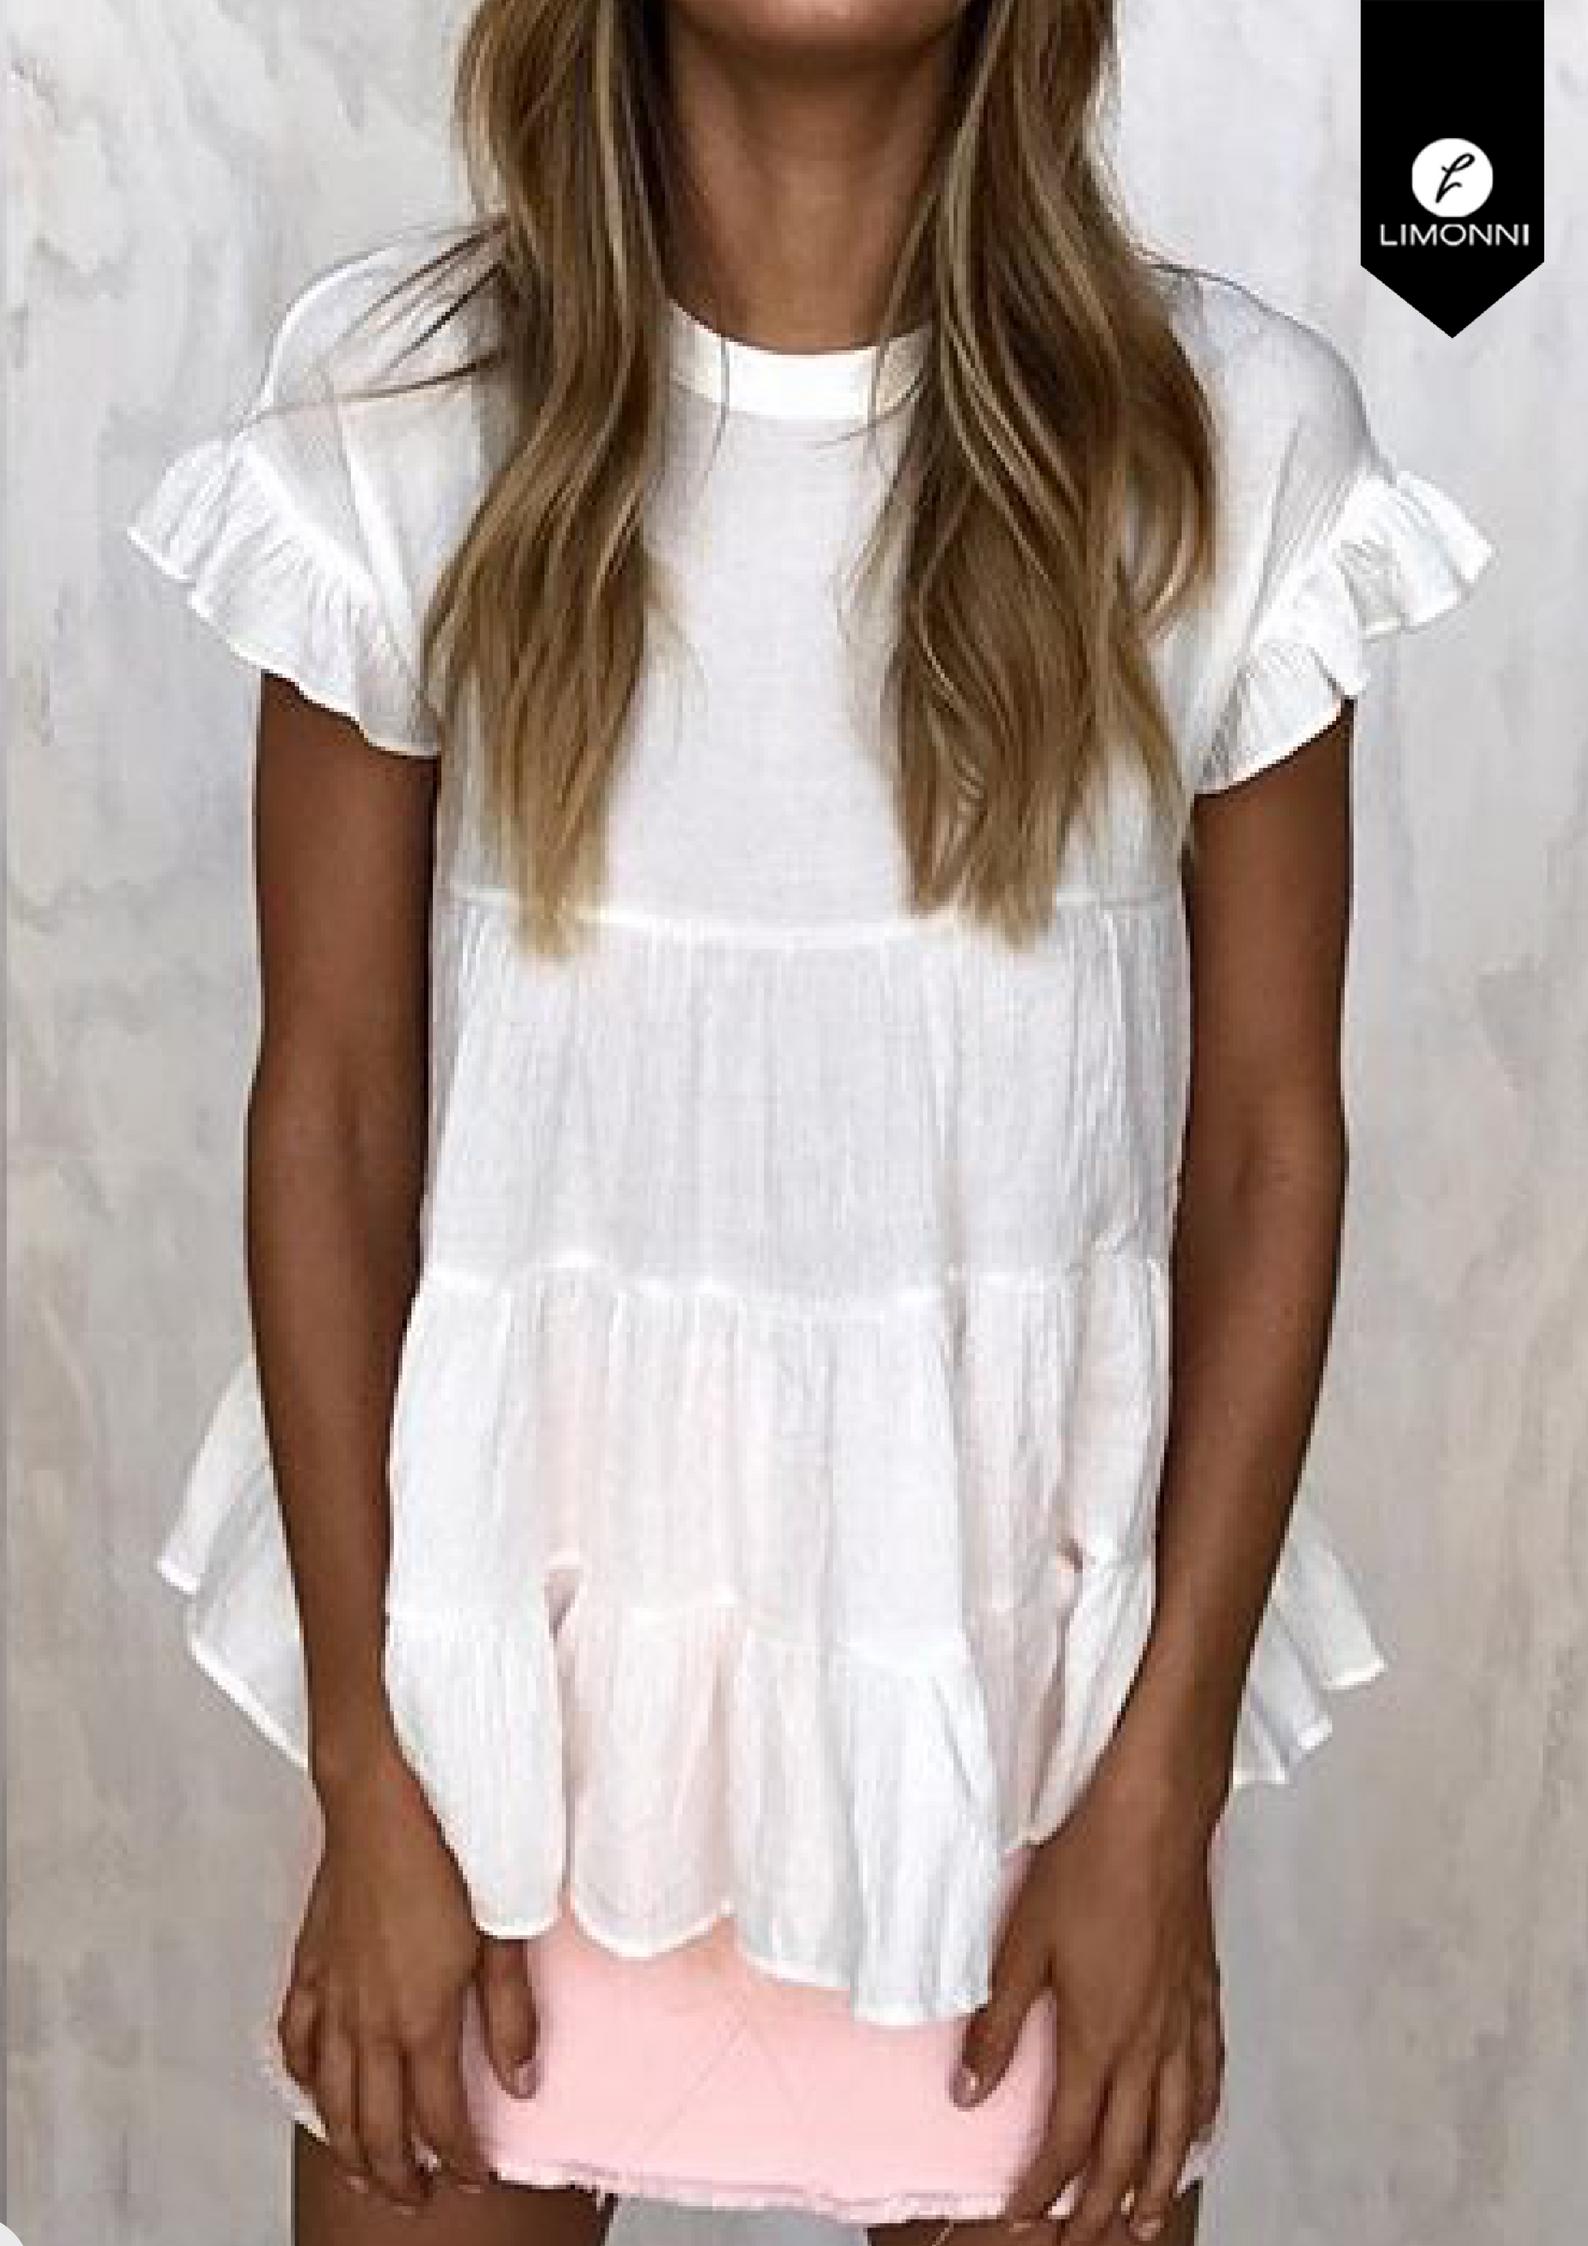 Blusas para mujer Limonni Novalee LI1529 Casuales